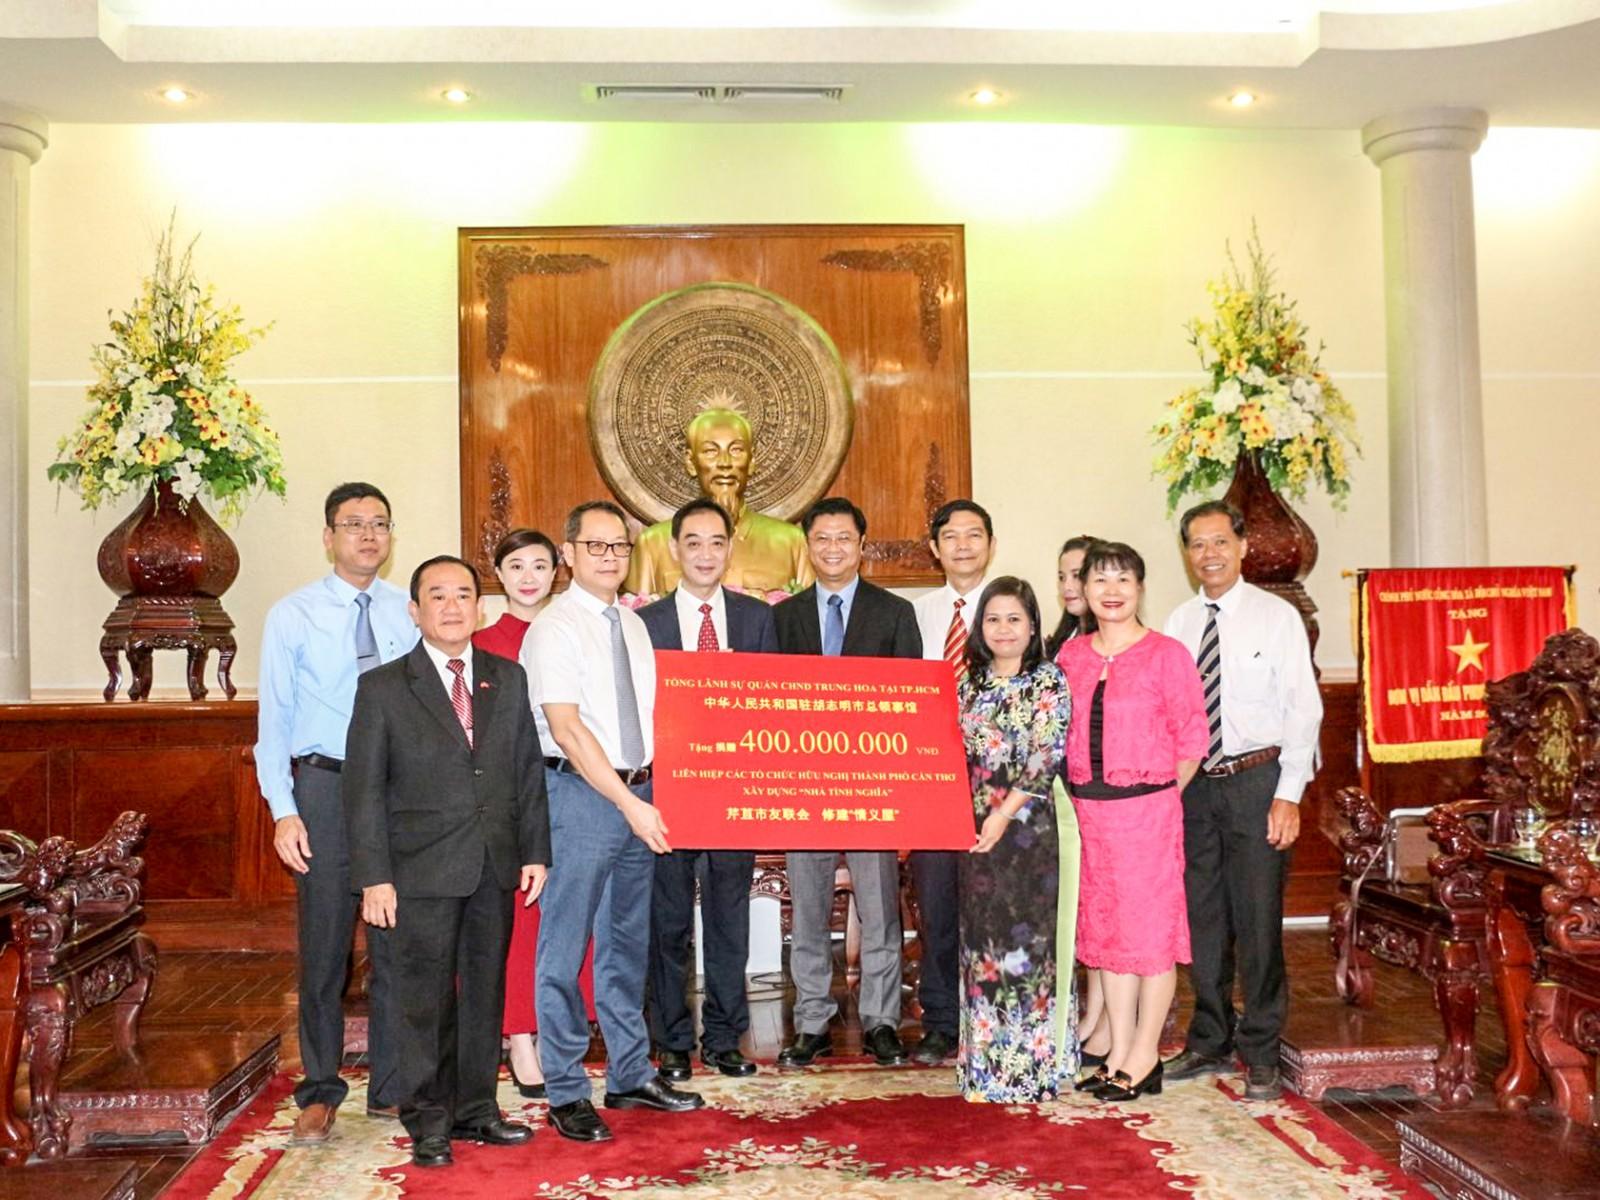 """Tổng Lãnh sự quán CHND Trung Hoa tại TP Hồ Chí Minh trao tặng 400 triệu đồng cho Liên hiệp các Tổ chức Hữu nghị TP Cần Thơ xây dựng """"Nhà tình nghĩa"""". Ảnh: Nam Hương"""